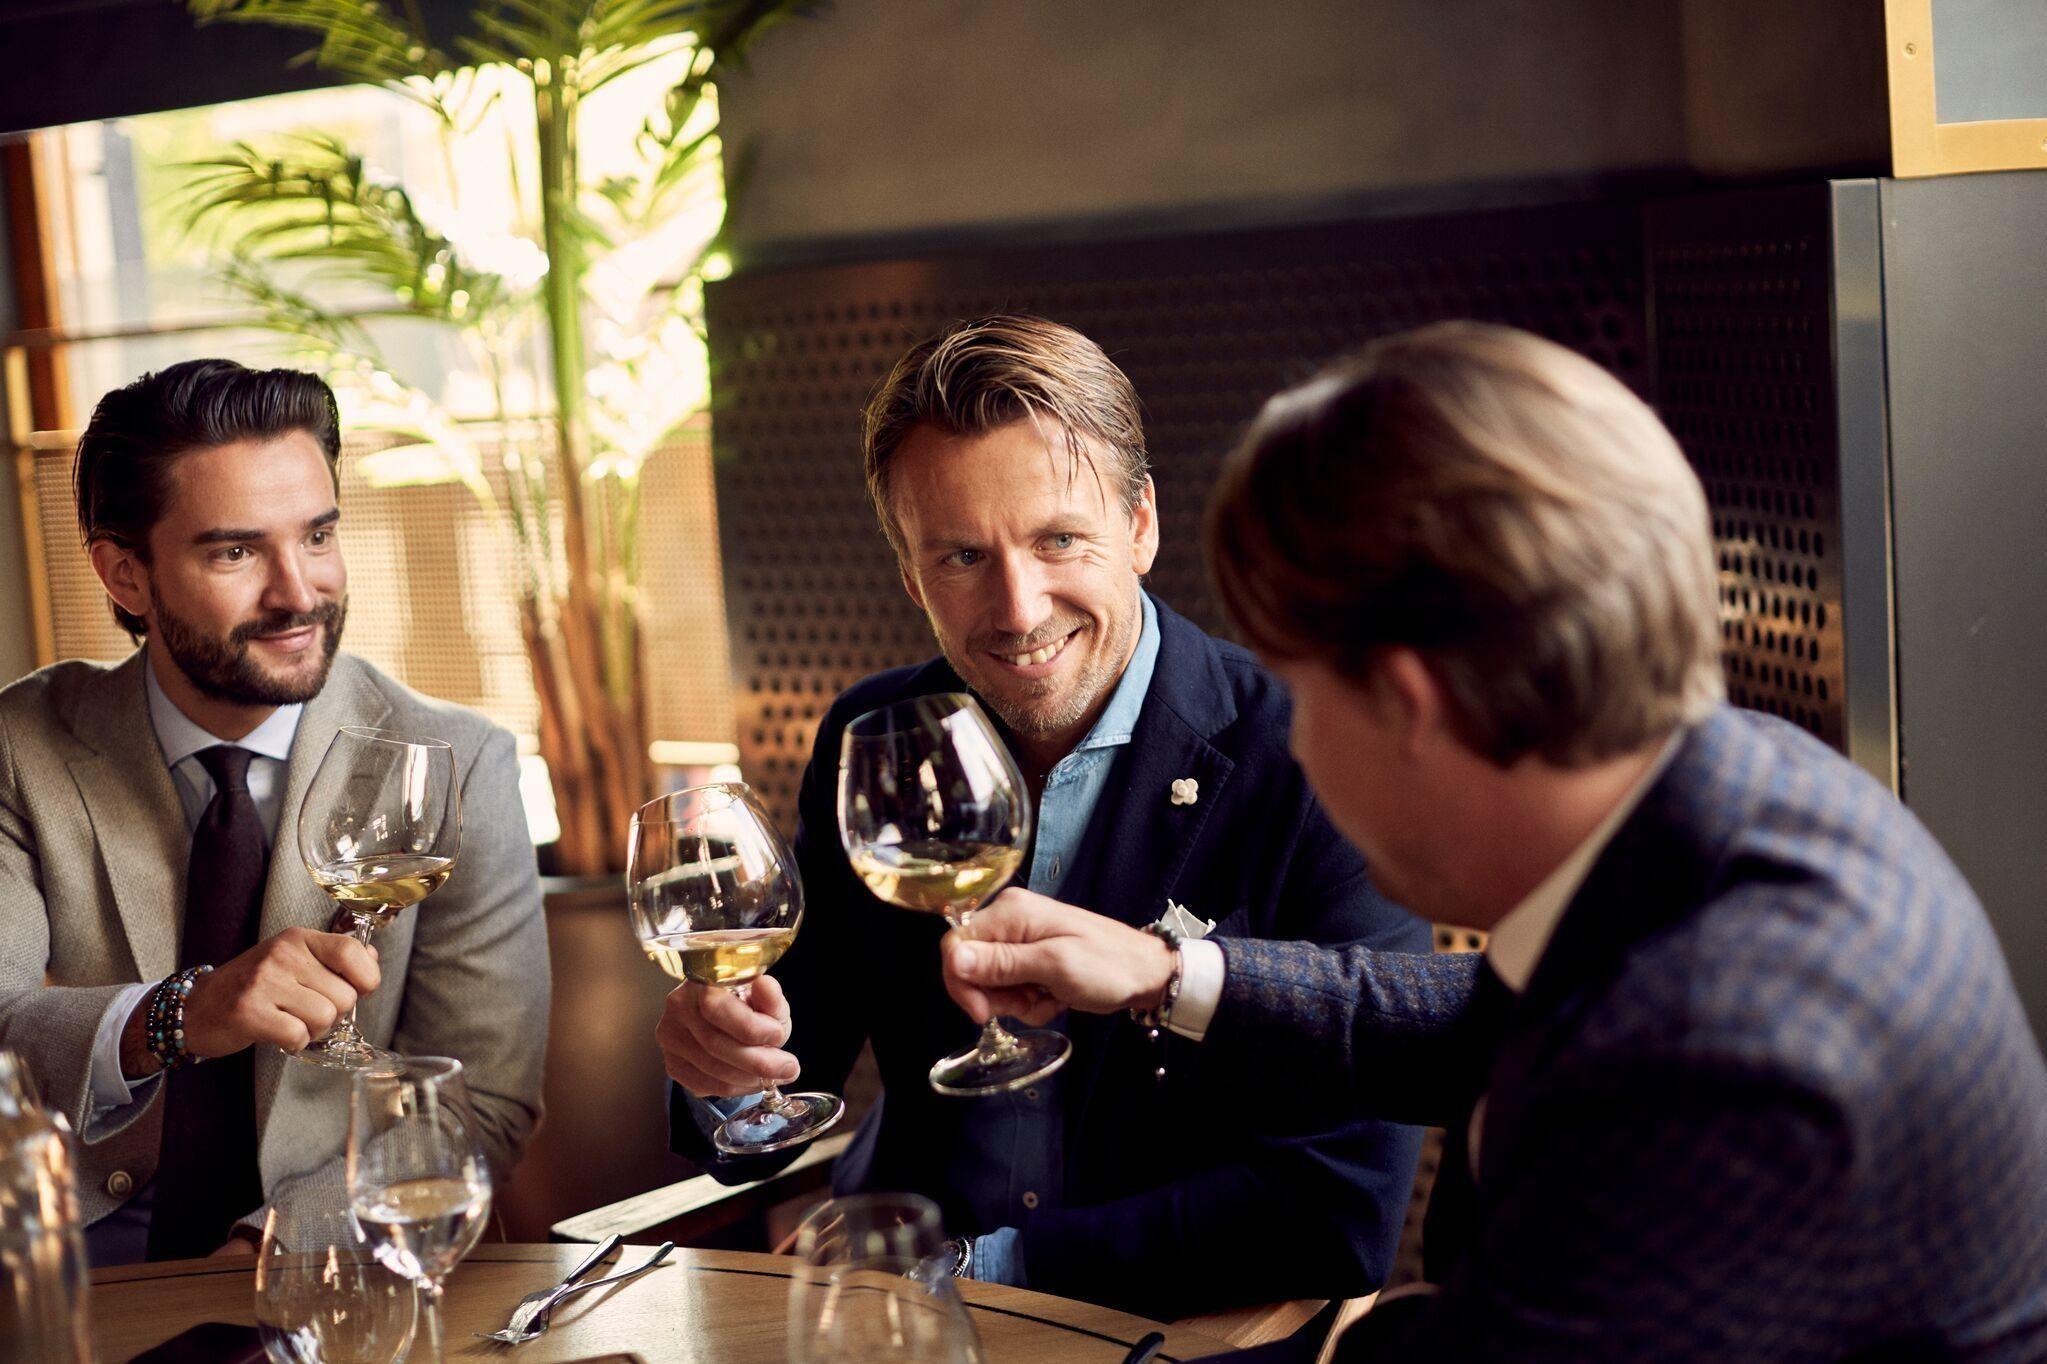 William Follestad (41) startet sin karriere i familiebedriften i 2000 som butikksjef for nye Follestad på Strømmen Storsenter. Det var startskuddet for mer trendy Follestad-butikker med større fokus på en yngre målgruppe. Han sitter her i midten. Foto: Ole Martin Halvorsen